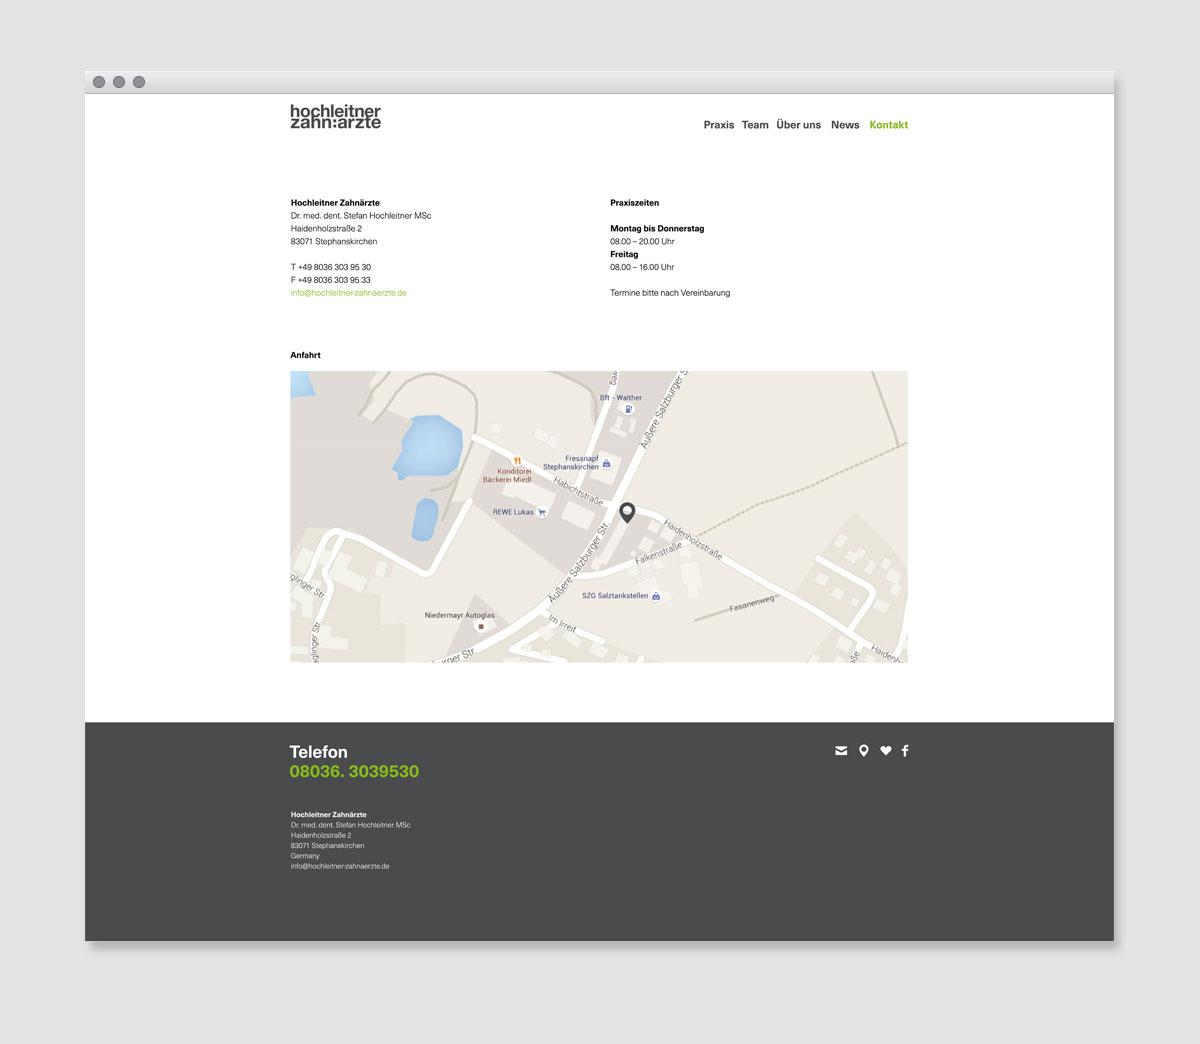 HochleitnerZahnaerzte-Website06